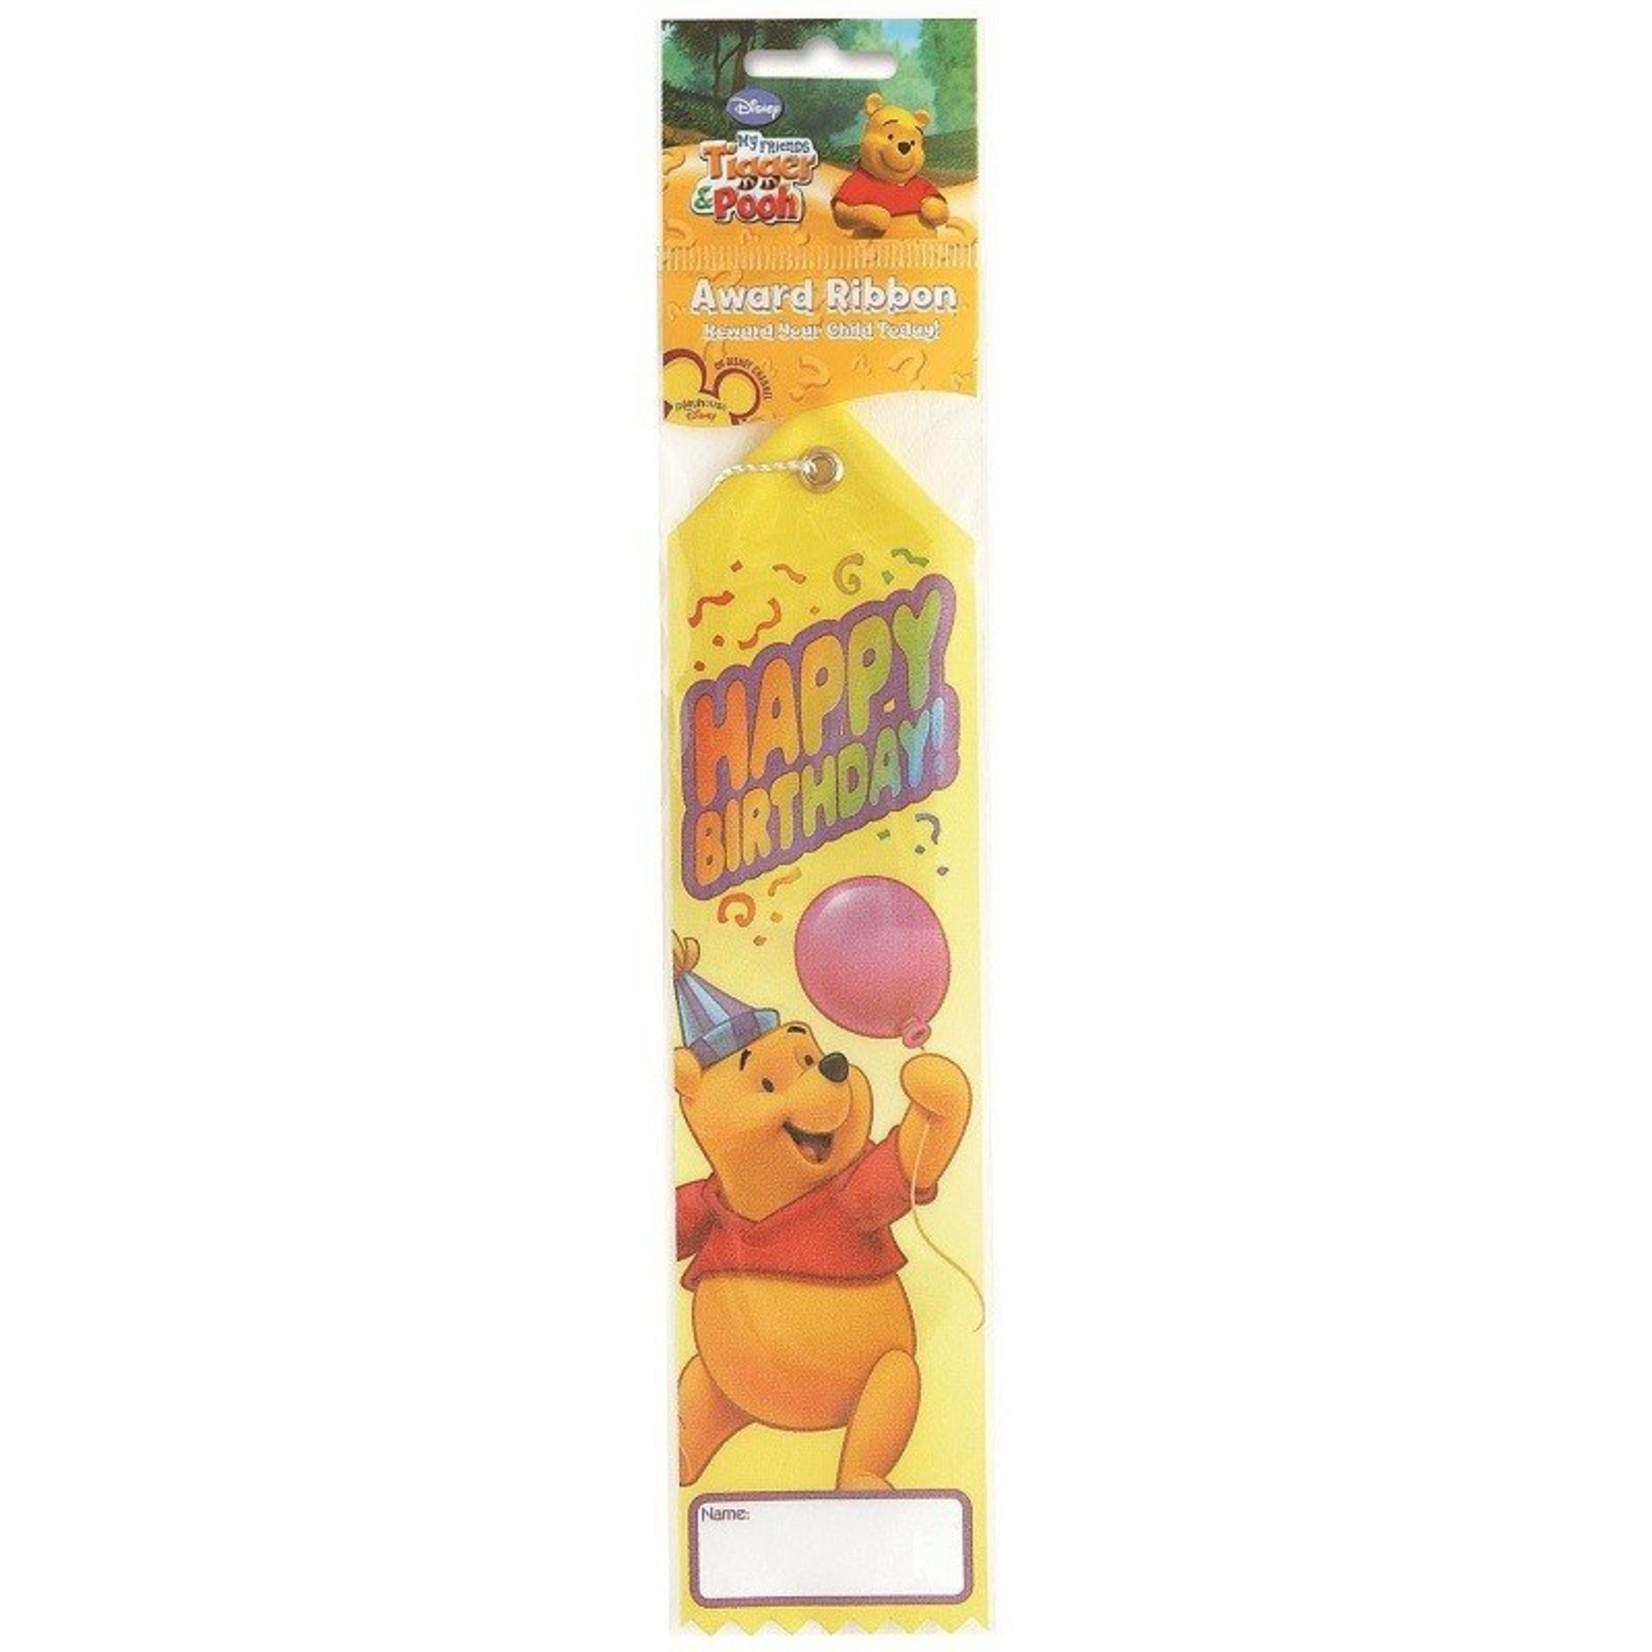 Award Ribbon - Happy Birthday - My Friends Tigger and Pooh